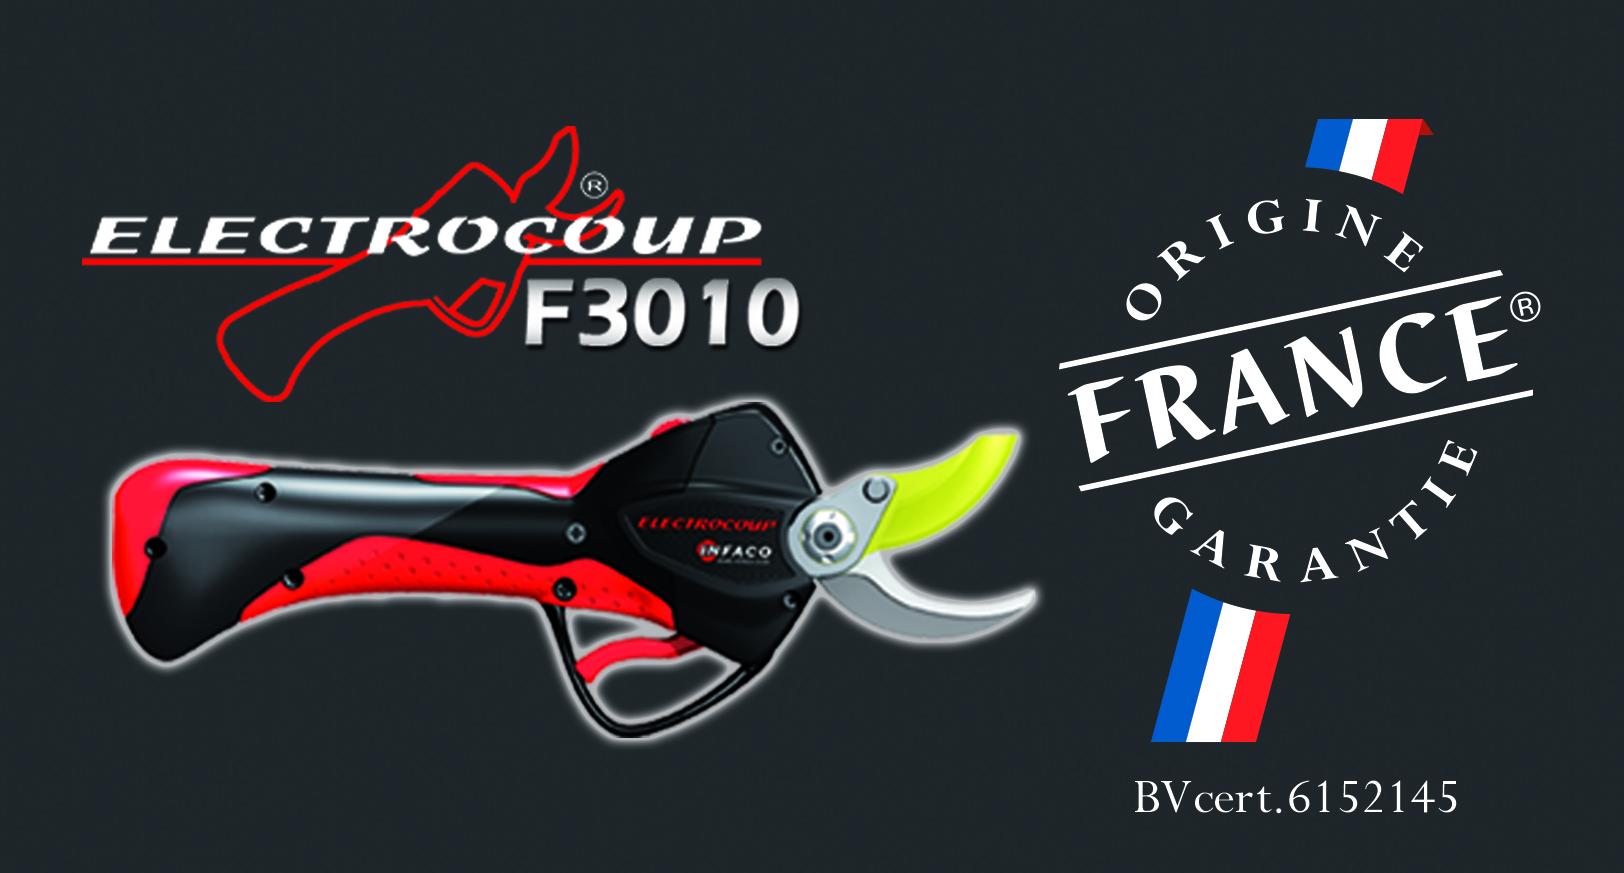 Le sécateur ELECTROCOUP F3010 obtient le label « ORIGINE ...